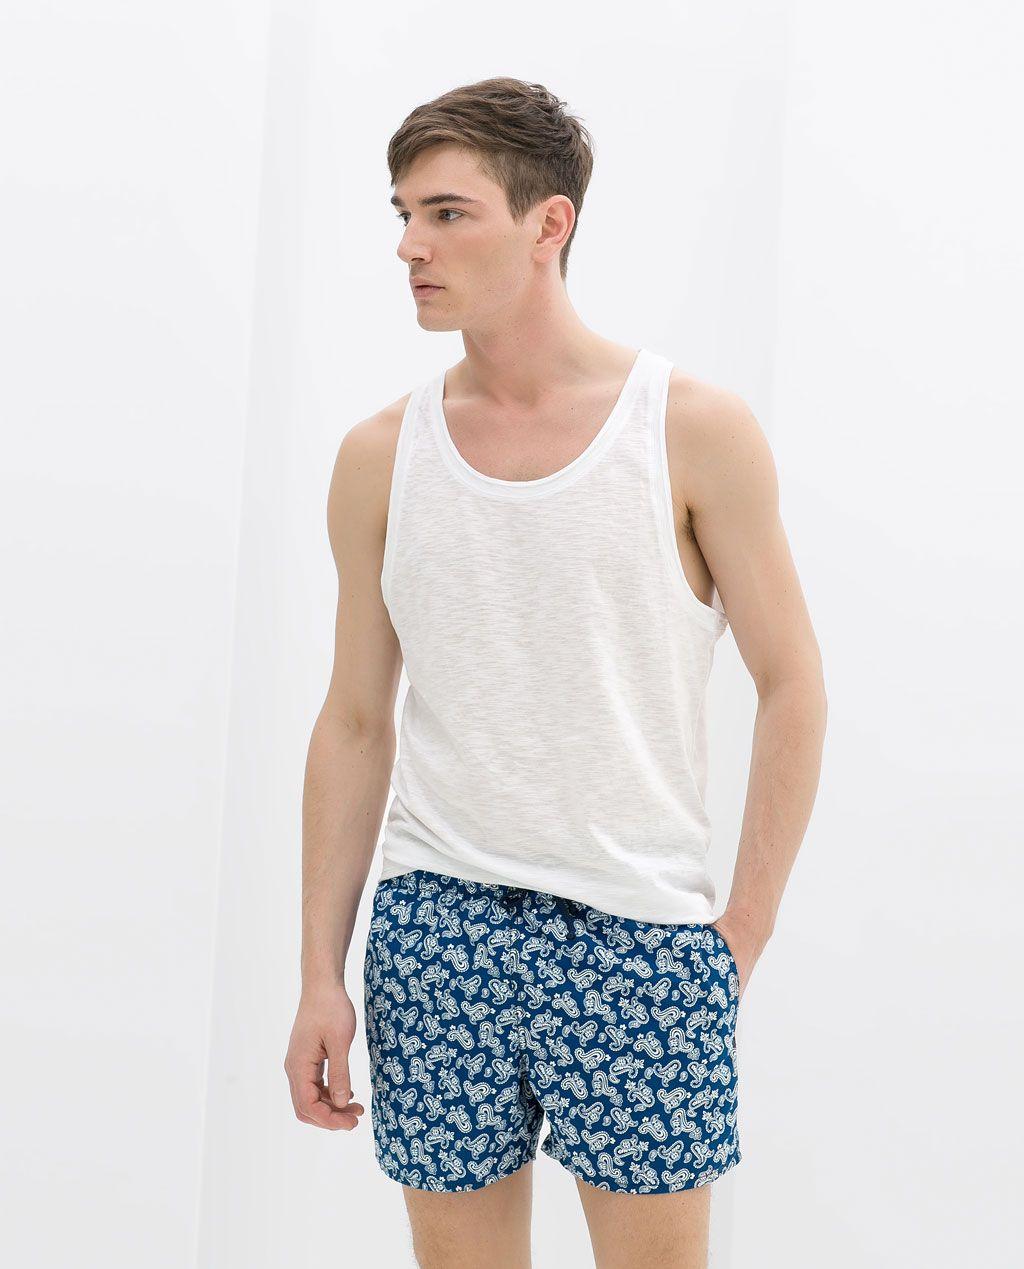 am besten bewertet neuesten Online-Verkauf Leistungssportbekleidung ZARA - HERREN - BADEHOSE MIT PAISLEYMUSTER | Men fashion ...